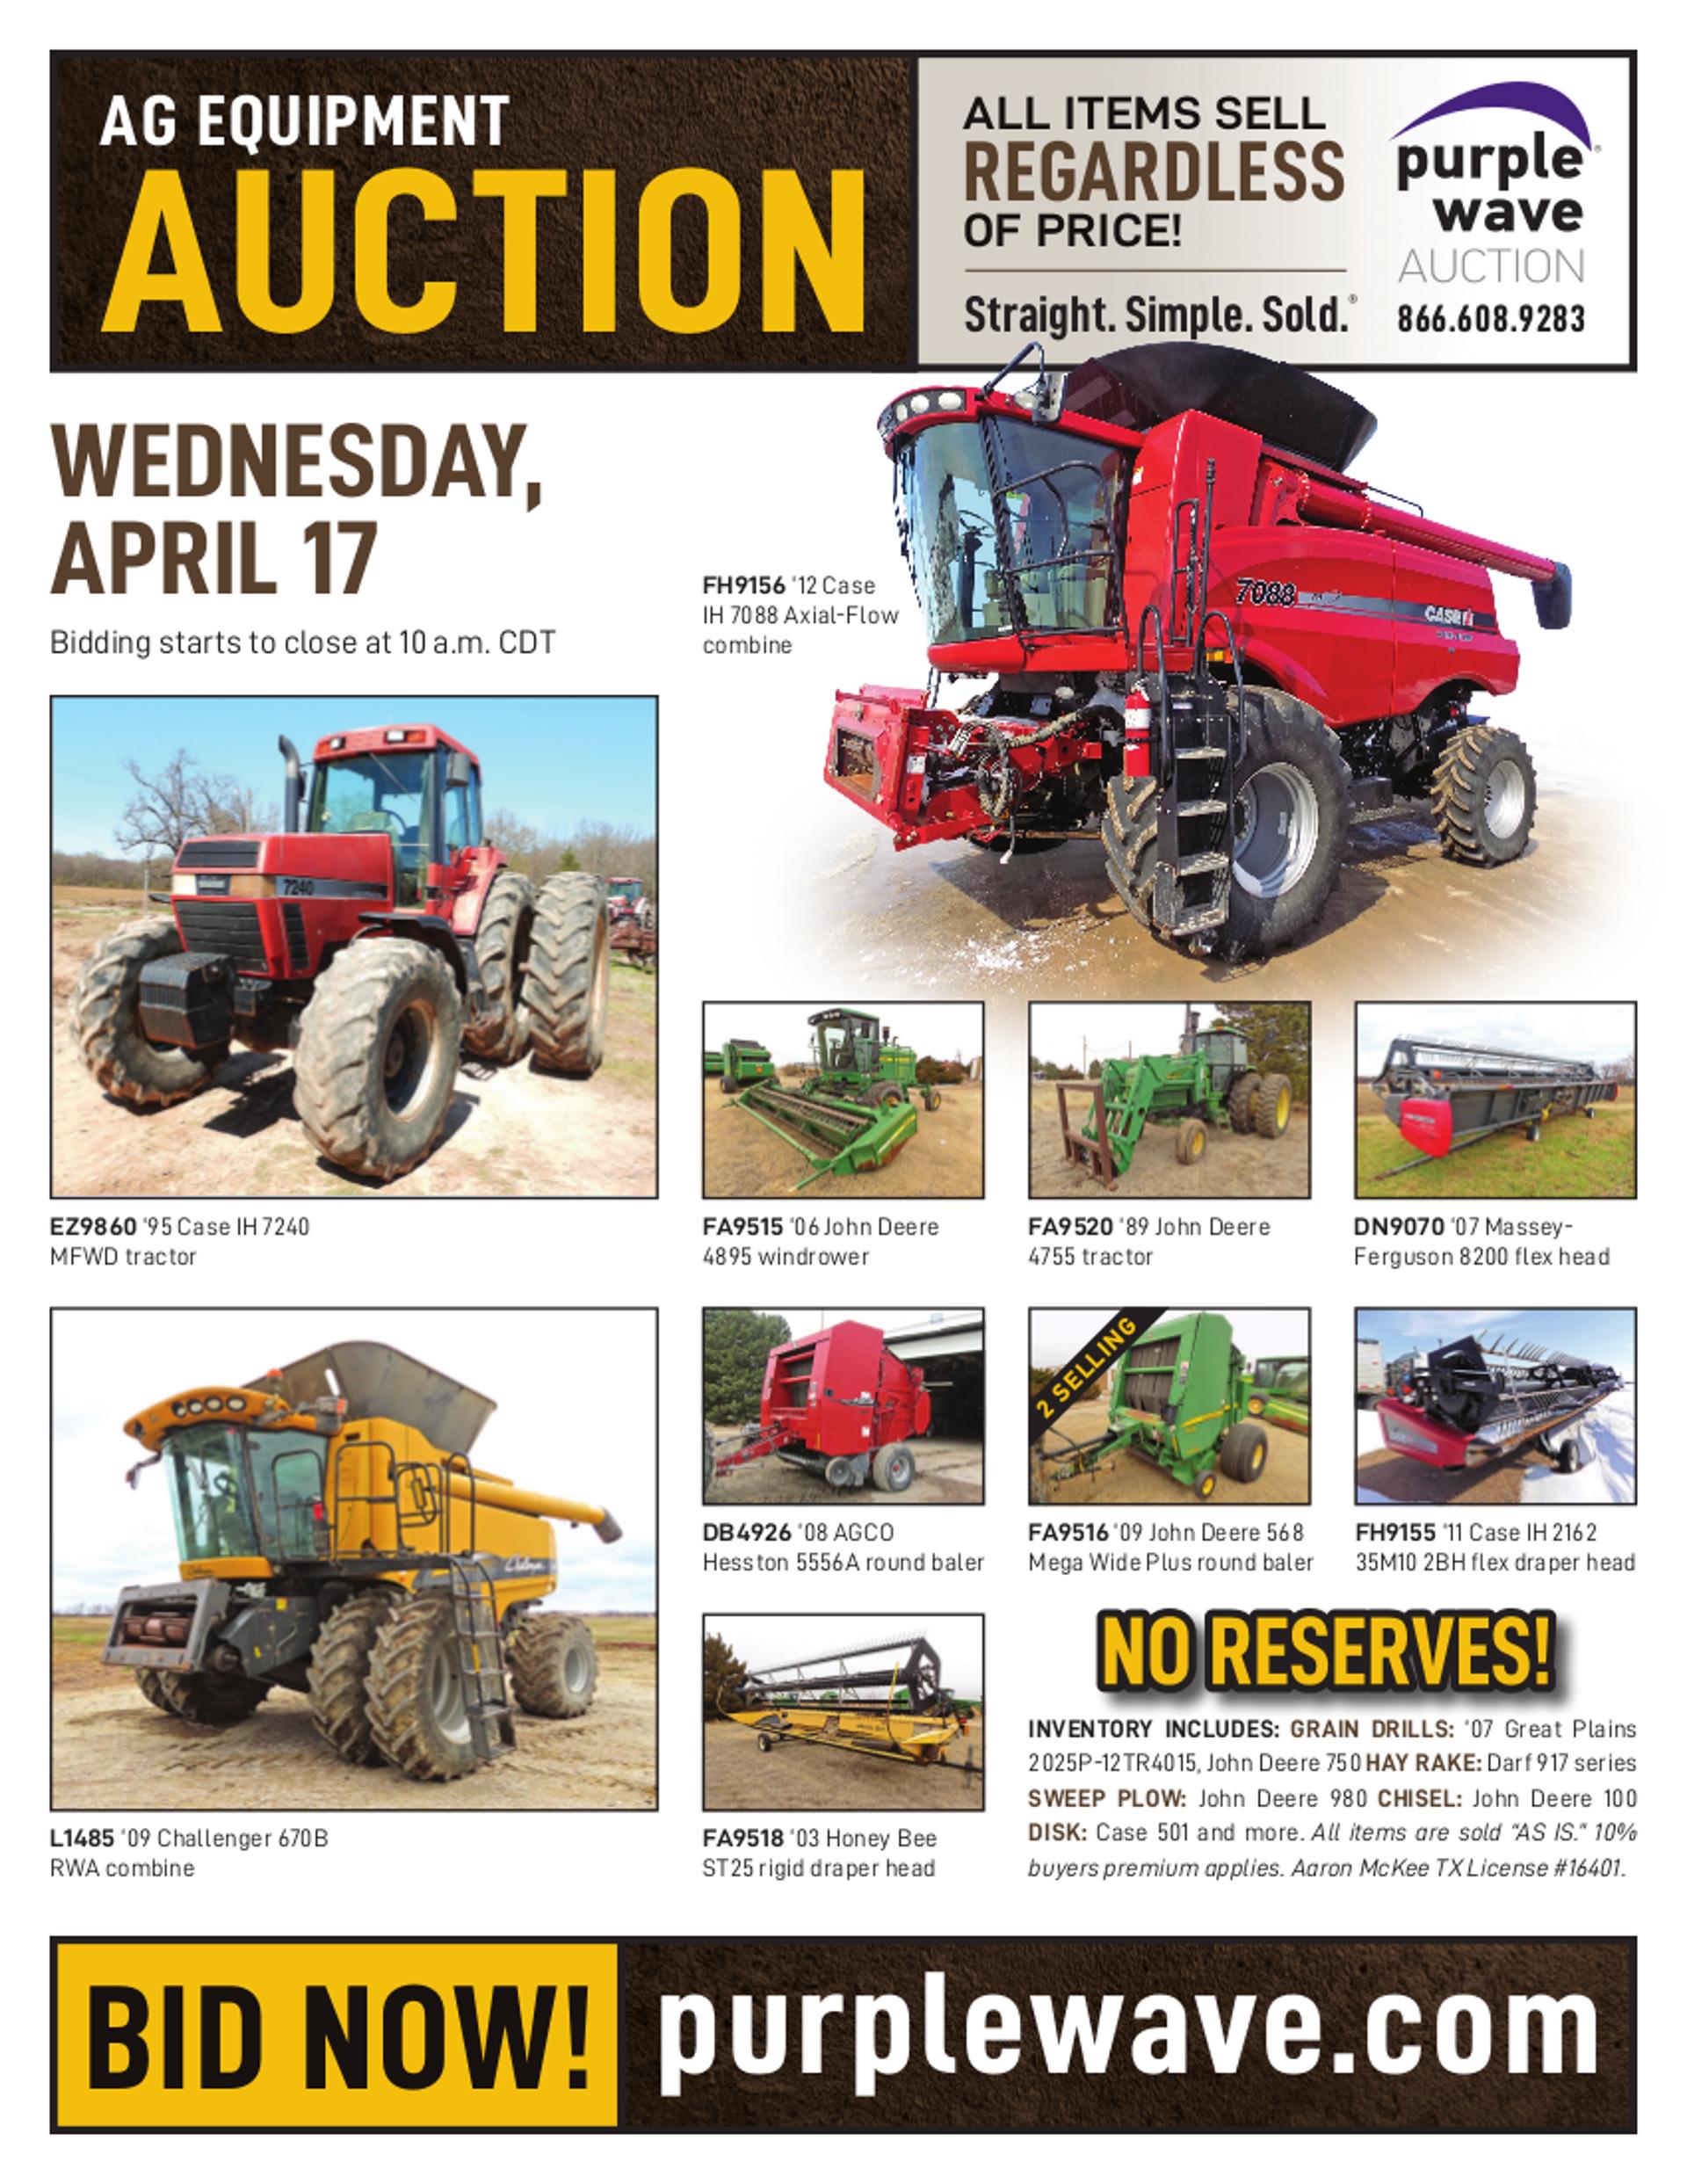 SOLD! April 17 Ag Equipment Auction | PurpleWave, Inc